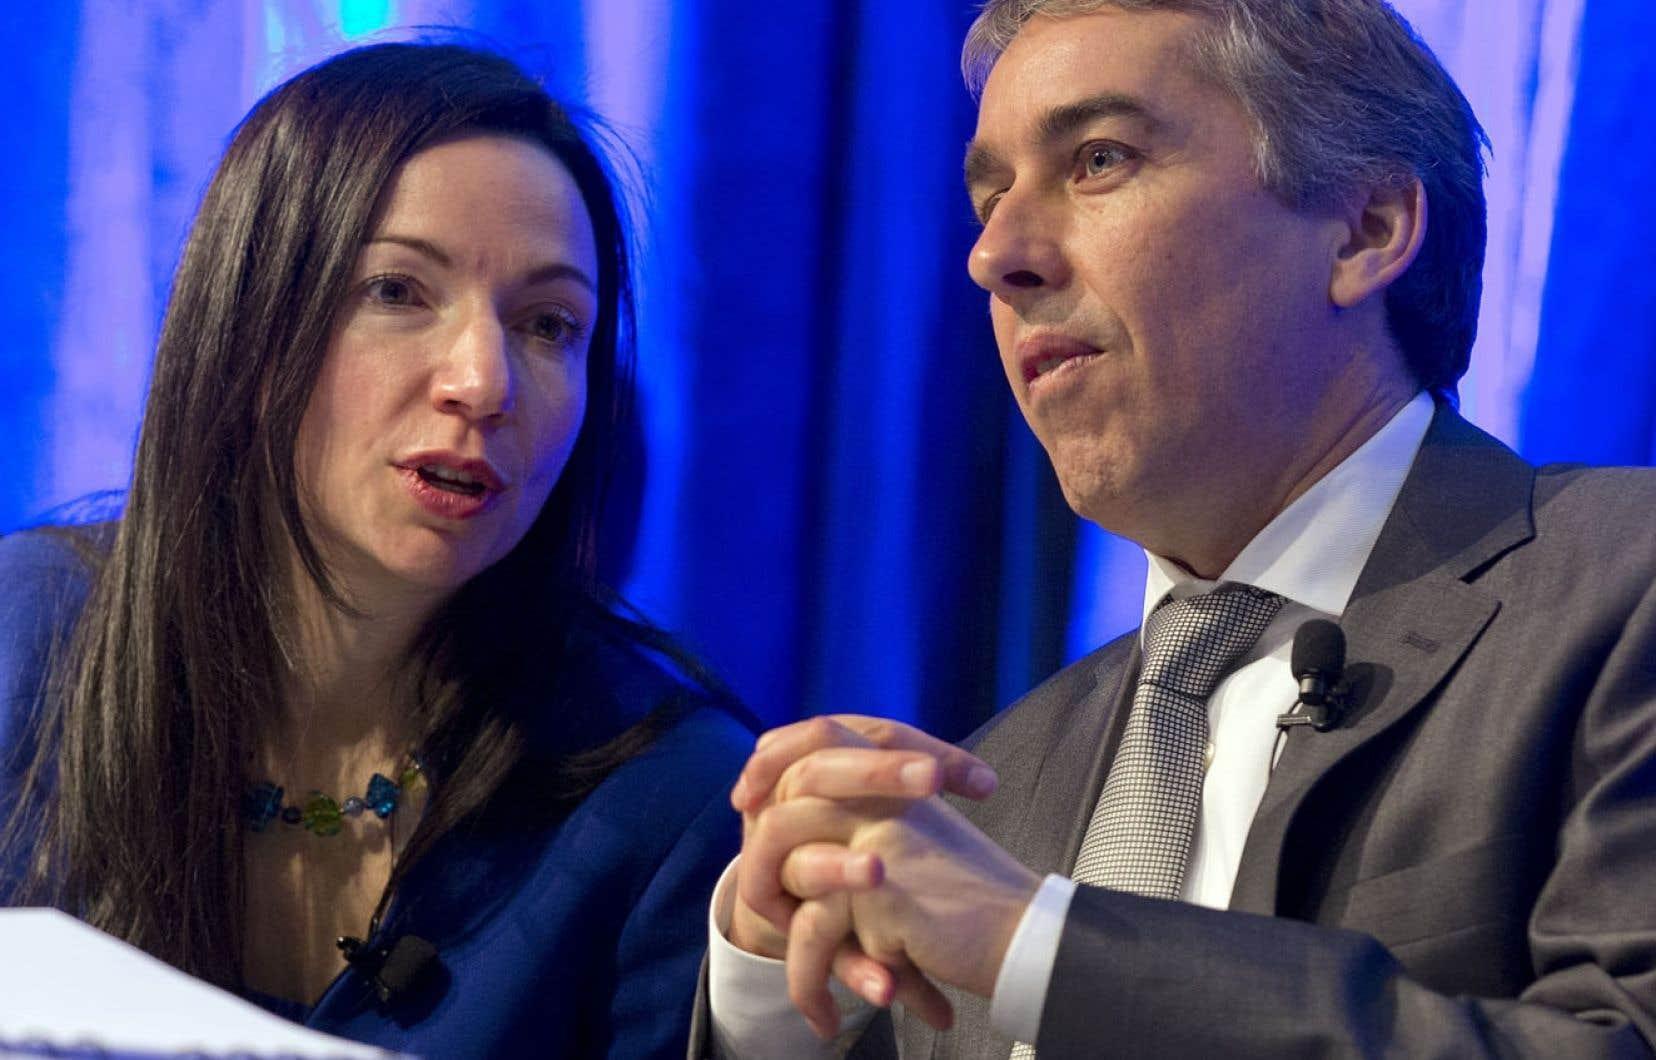 La ministre québécoise des Ressources naturelles, Martine Ouellet, son collègue des Finances, Nicolas Marceau, ont participé au congrès de l'Association des économistes québécois, dont le thème porte sur les ressources naturelles.